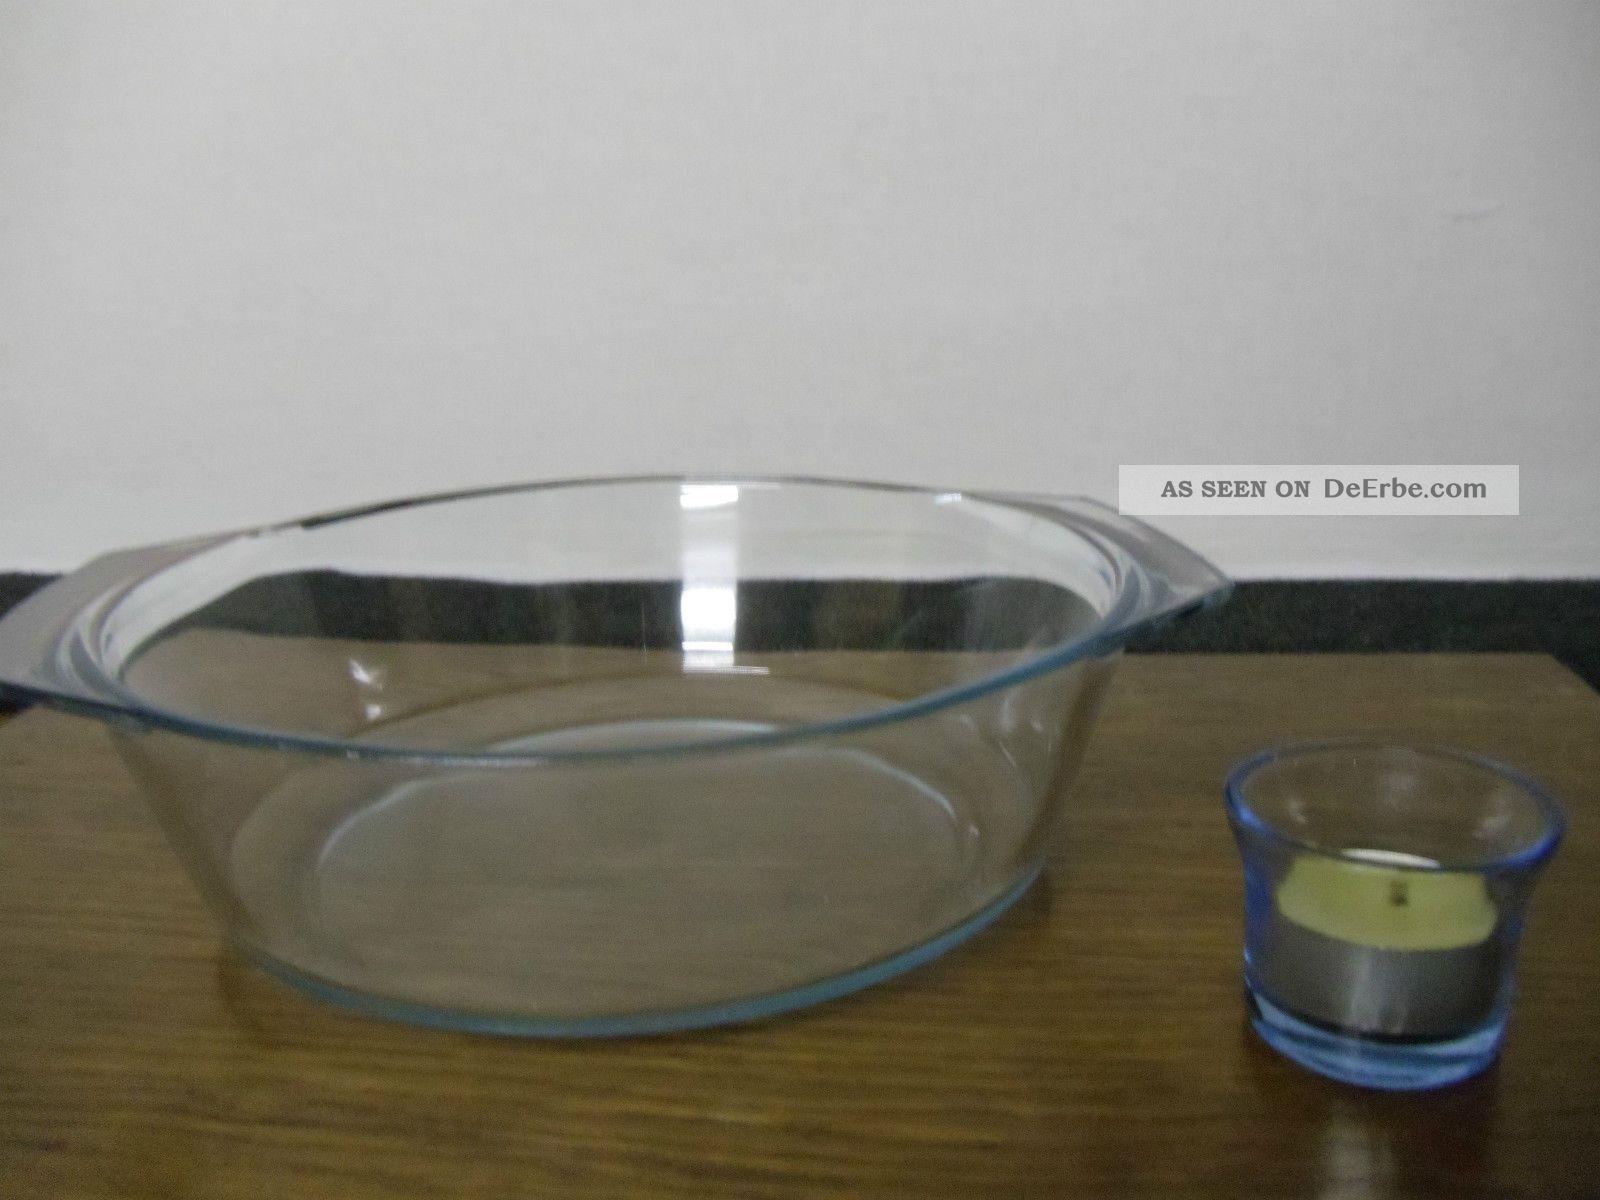 speisenw u00e4rmer rund servierschale rechaud versilbert auflaufform schale